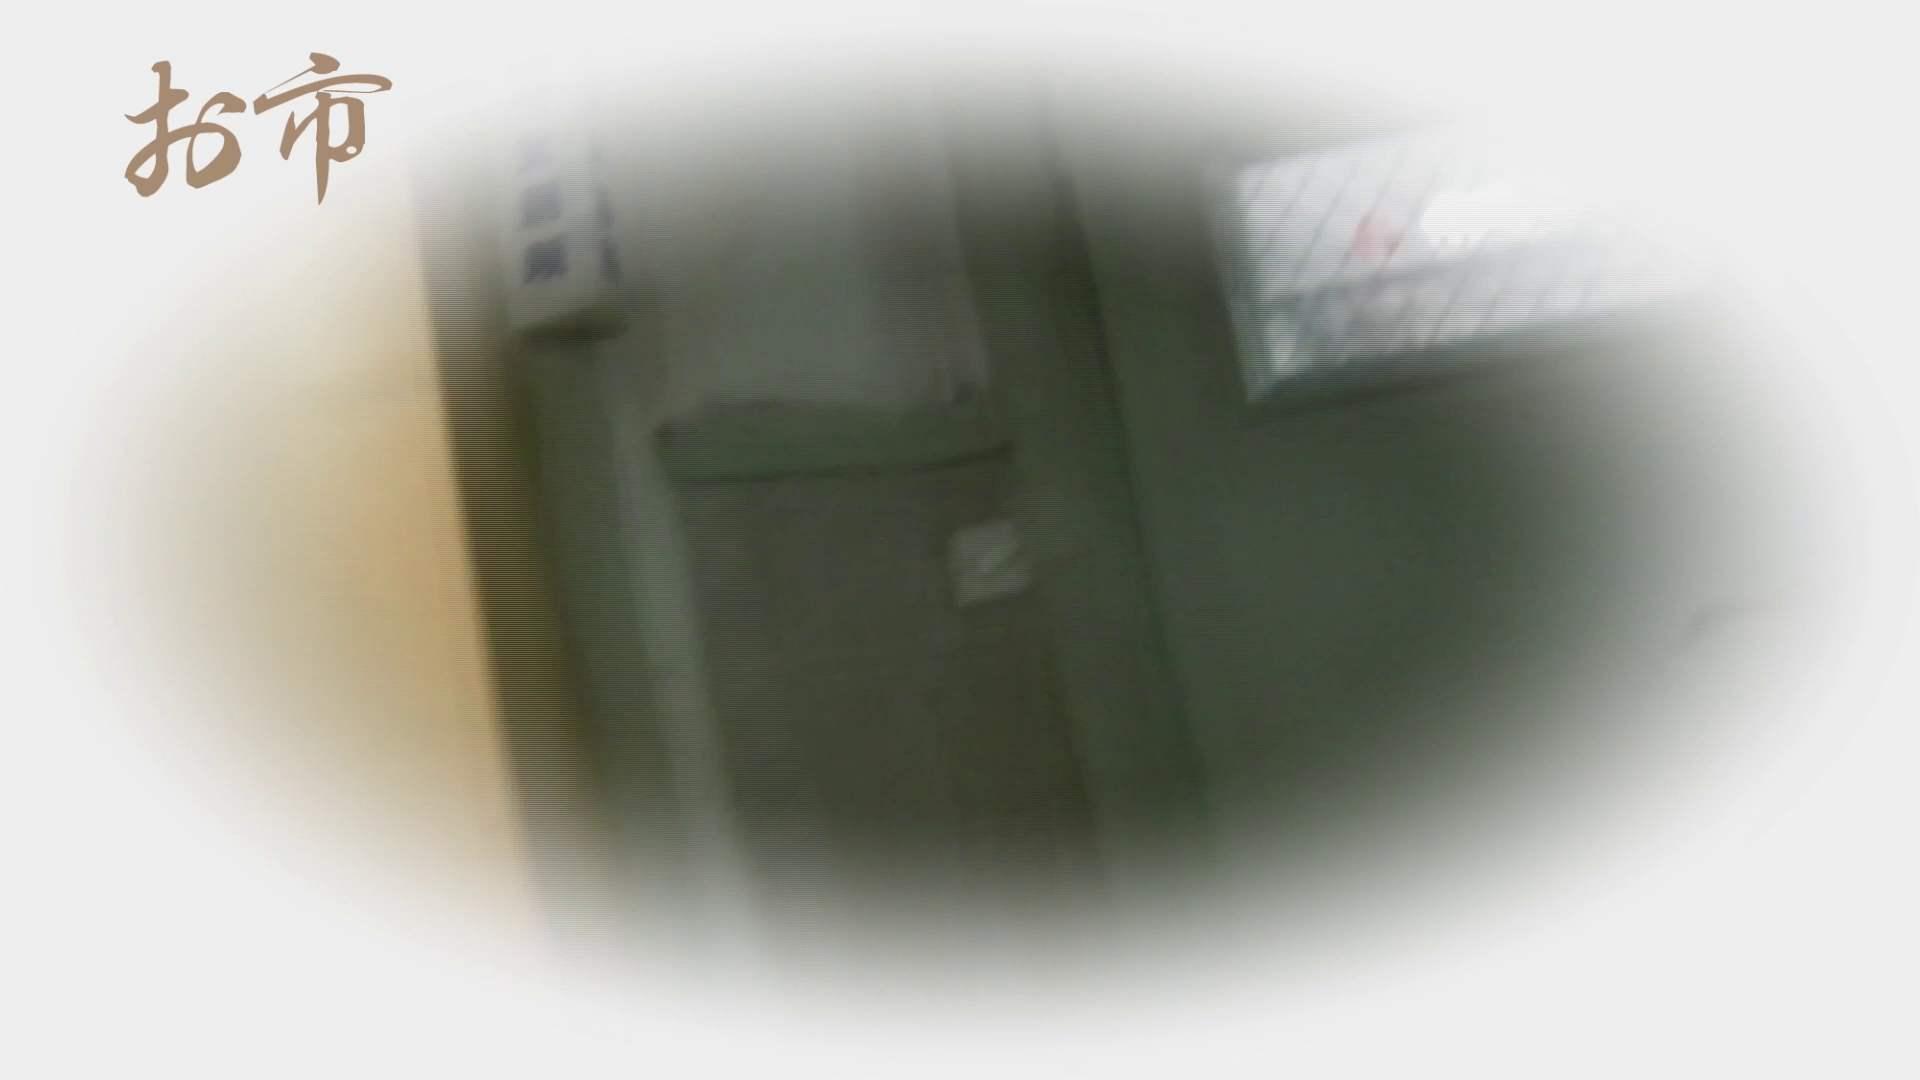 潜入!!台湾名門女学院 Vol.12 長身モデル驚き見たことないシチュエーション 盗撮  105PIX 2